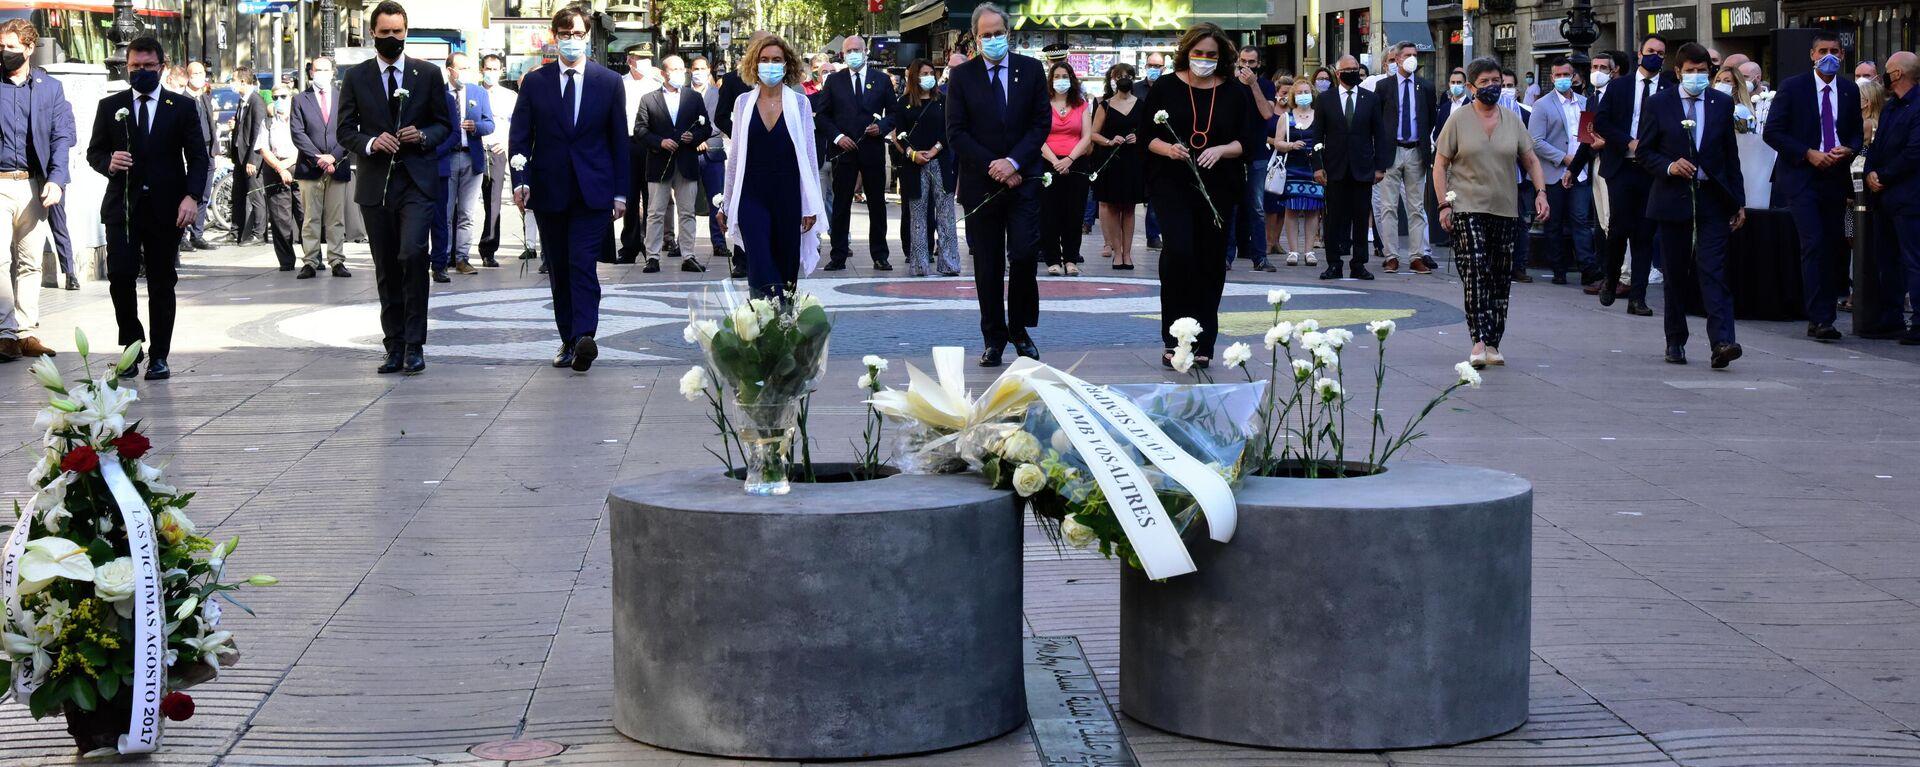 Homenaje a las víctimas de los atentados de Cataluña - Sputnik Mundo, 1920, 27.05.2021